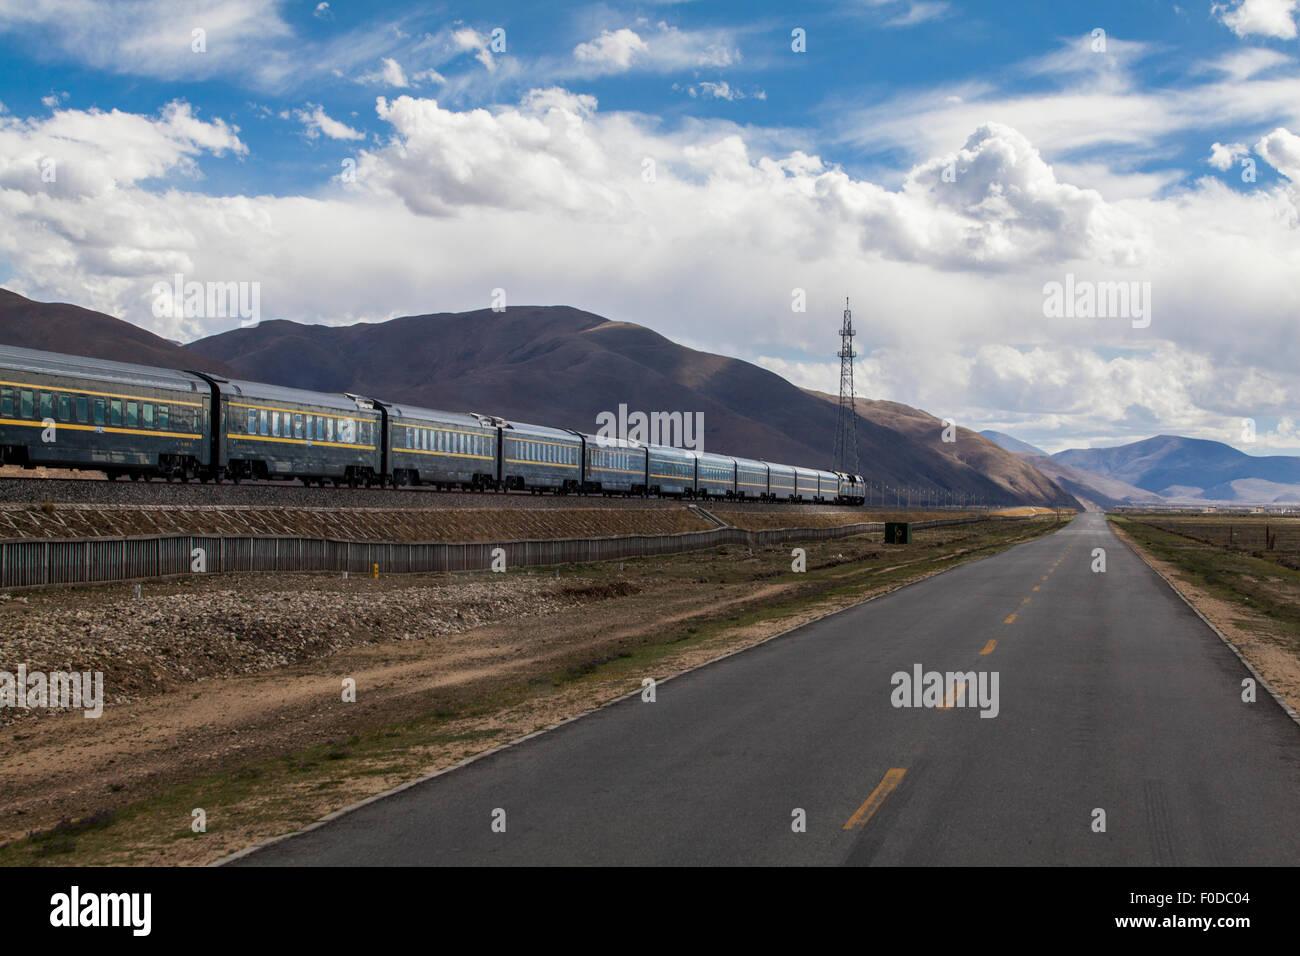 Qinghai-Tibet railway and highway - Stock Image